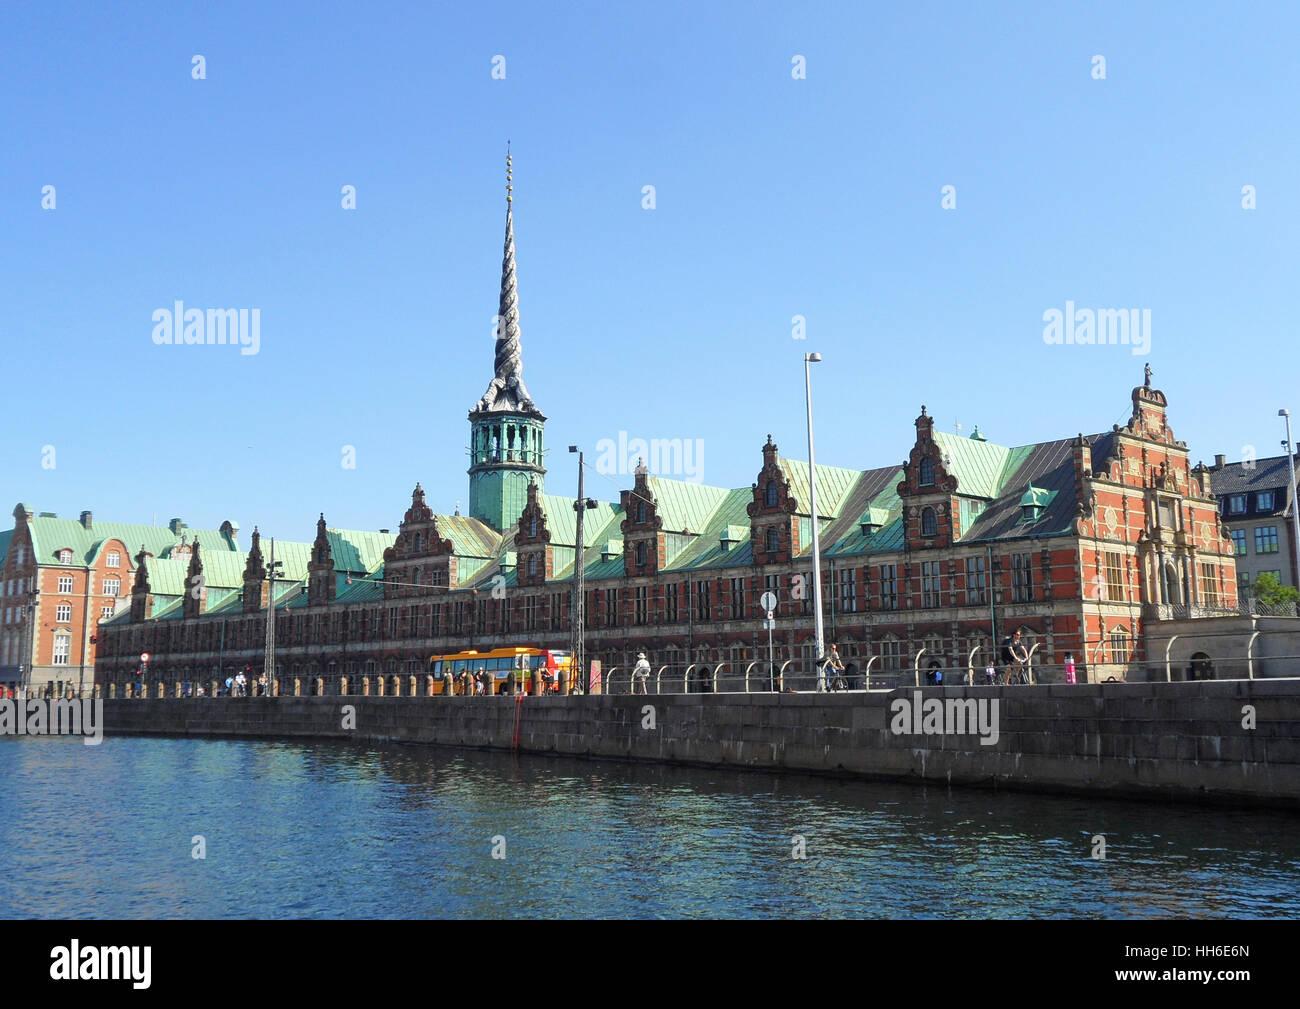 Borsen, the Impressive Old Stock Exchange Building in Copenhagen, Slotsholmen, Denmark - Stock Image